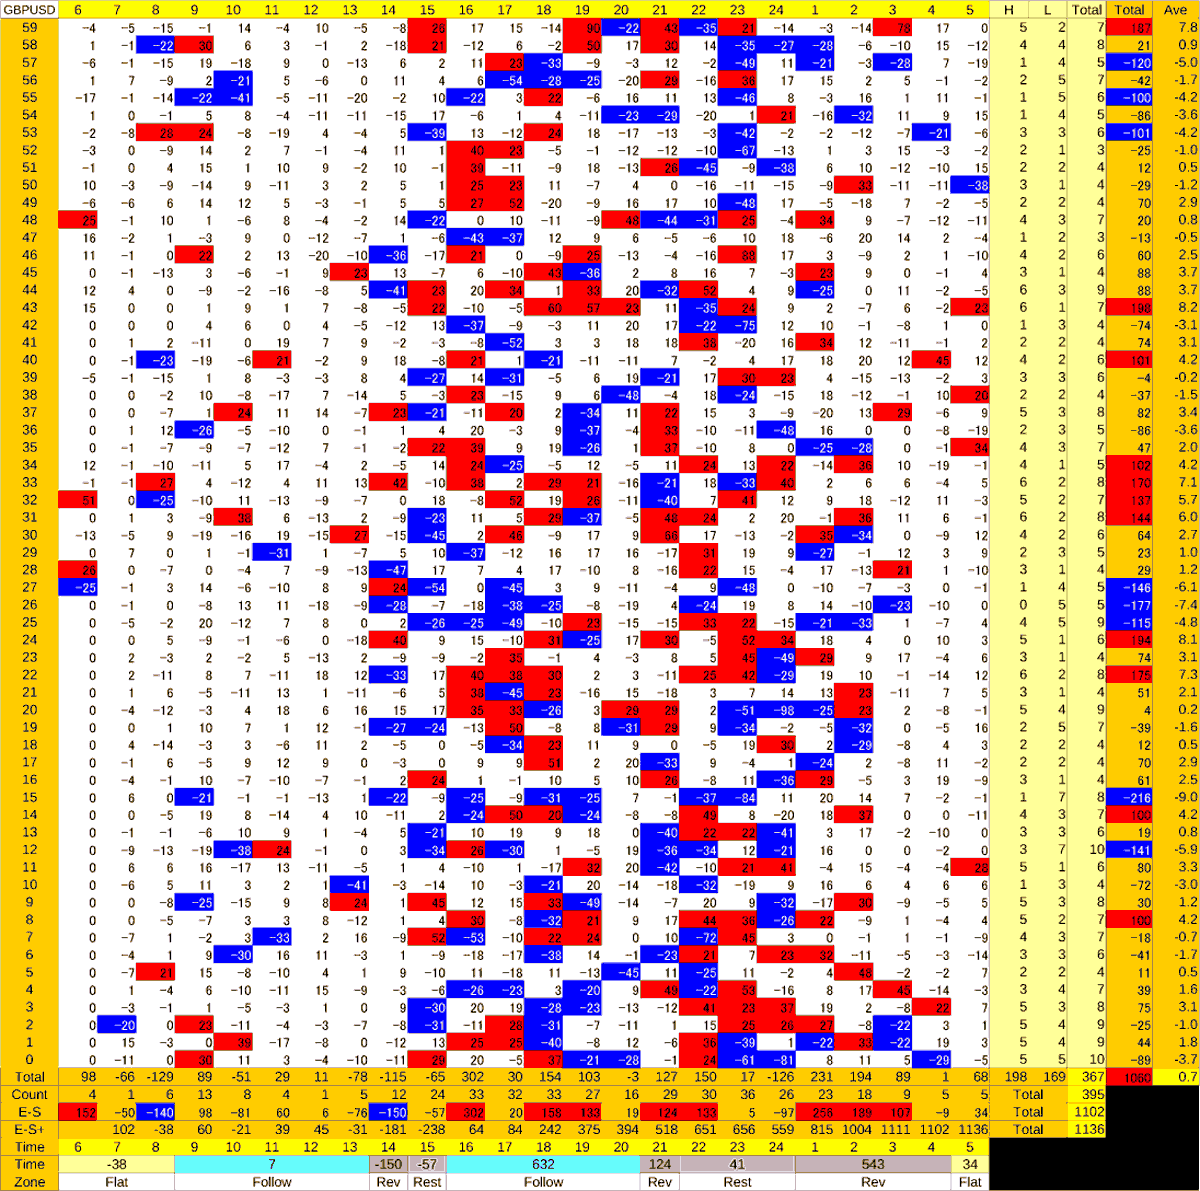 20200730_HS(2)GBPUSD